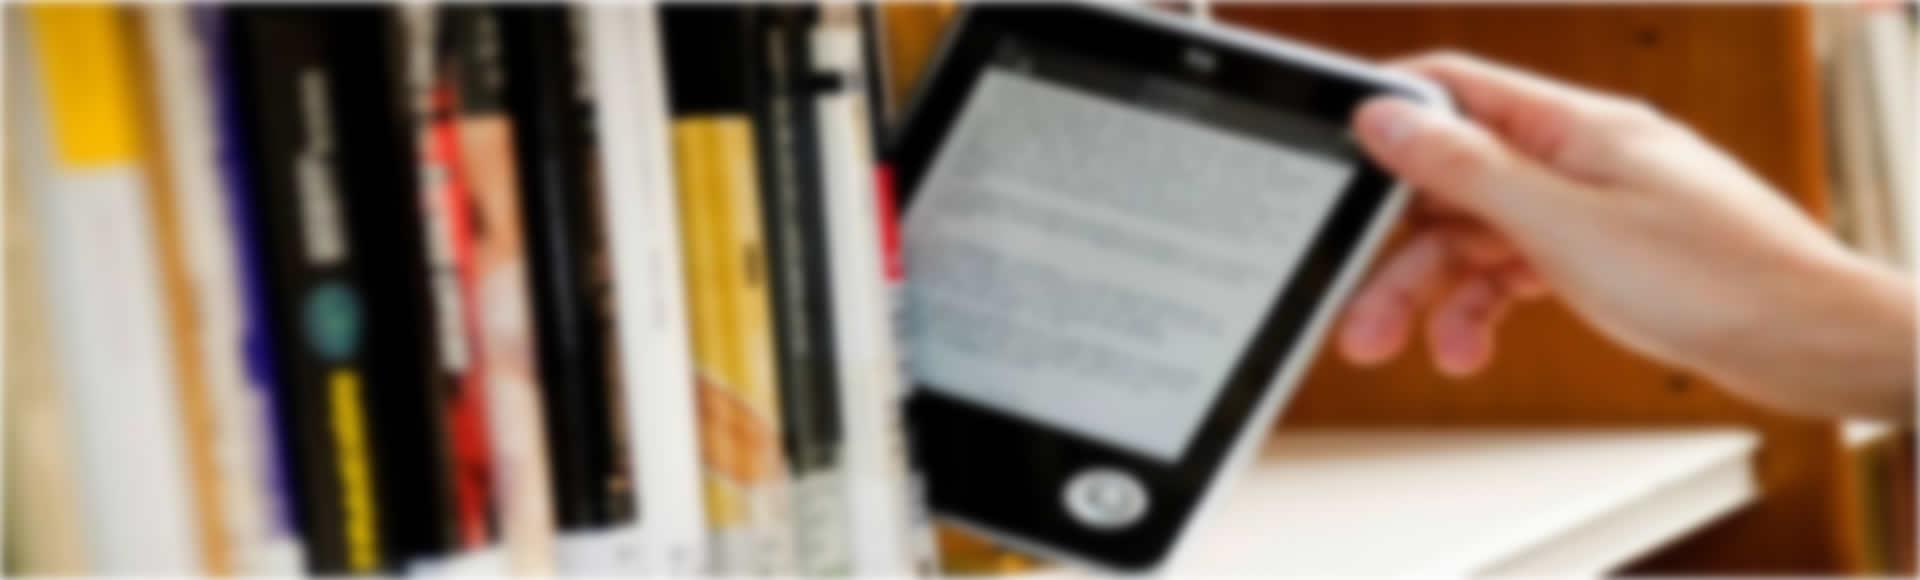 Publicación y venta de libros digitales